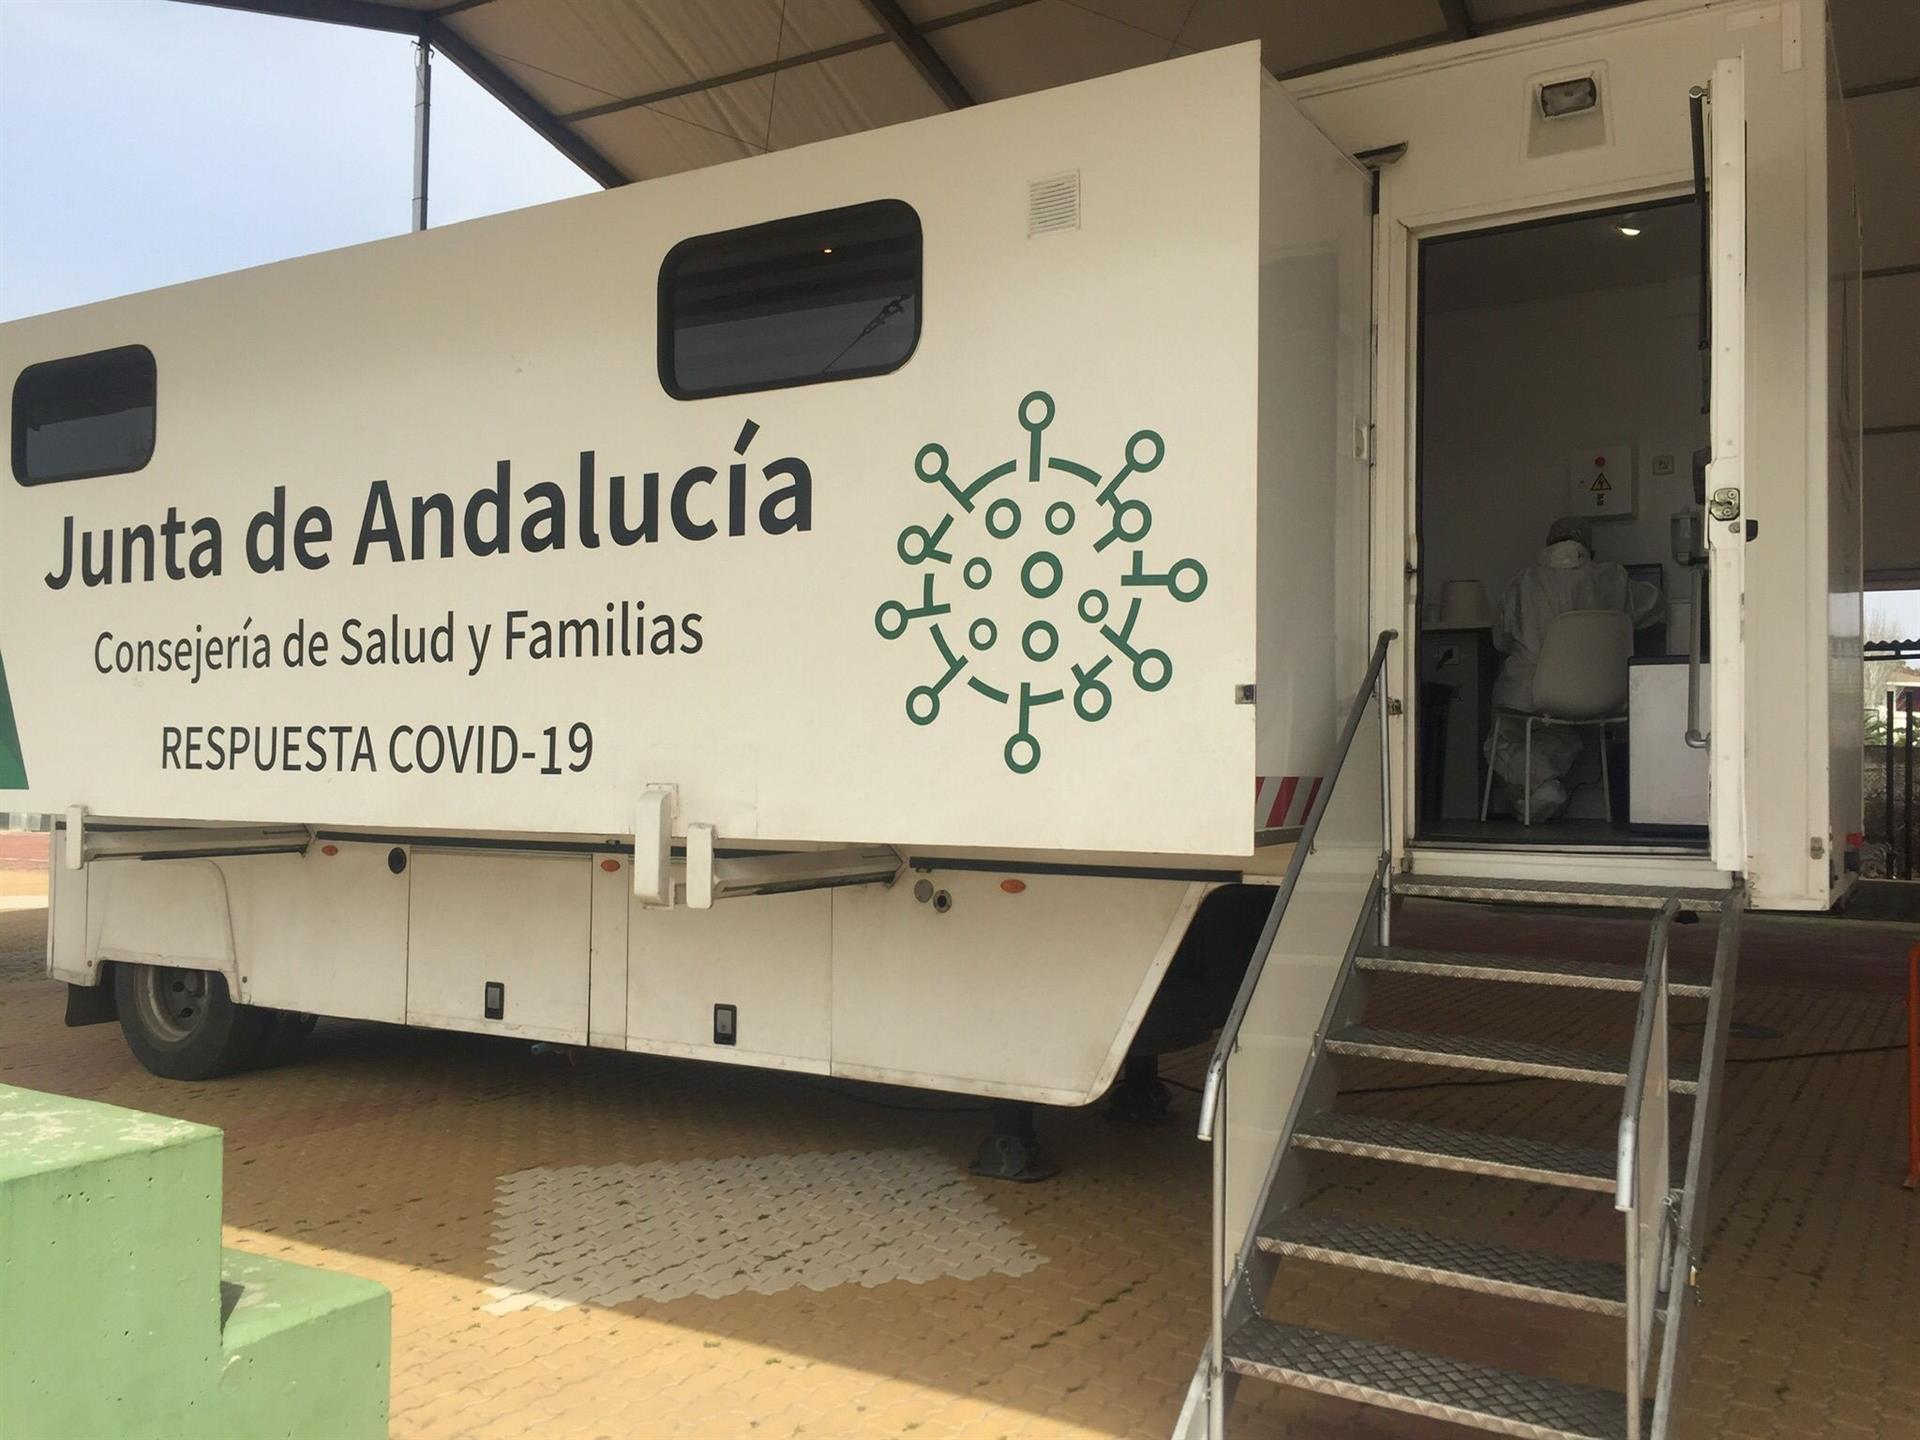 Tramitadas casi 11,3 millones de citas para vacunación de Covid-19 en Andalucía